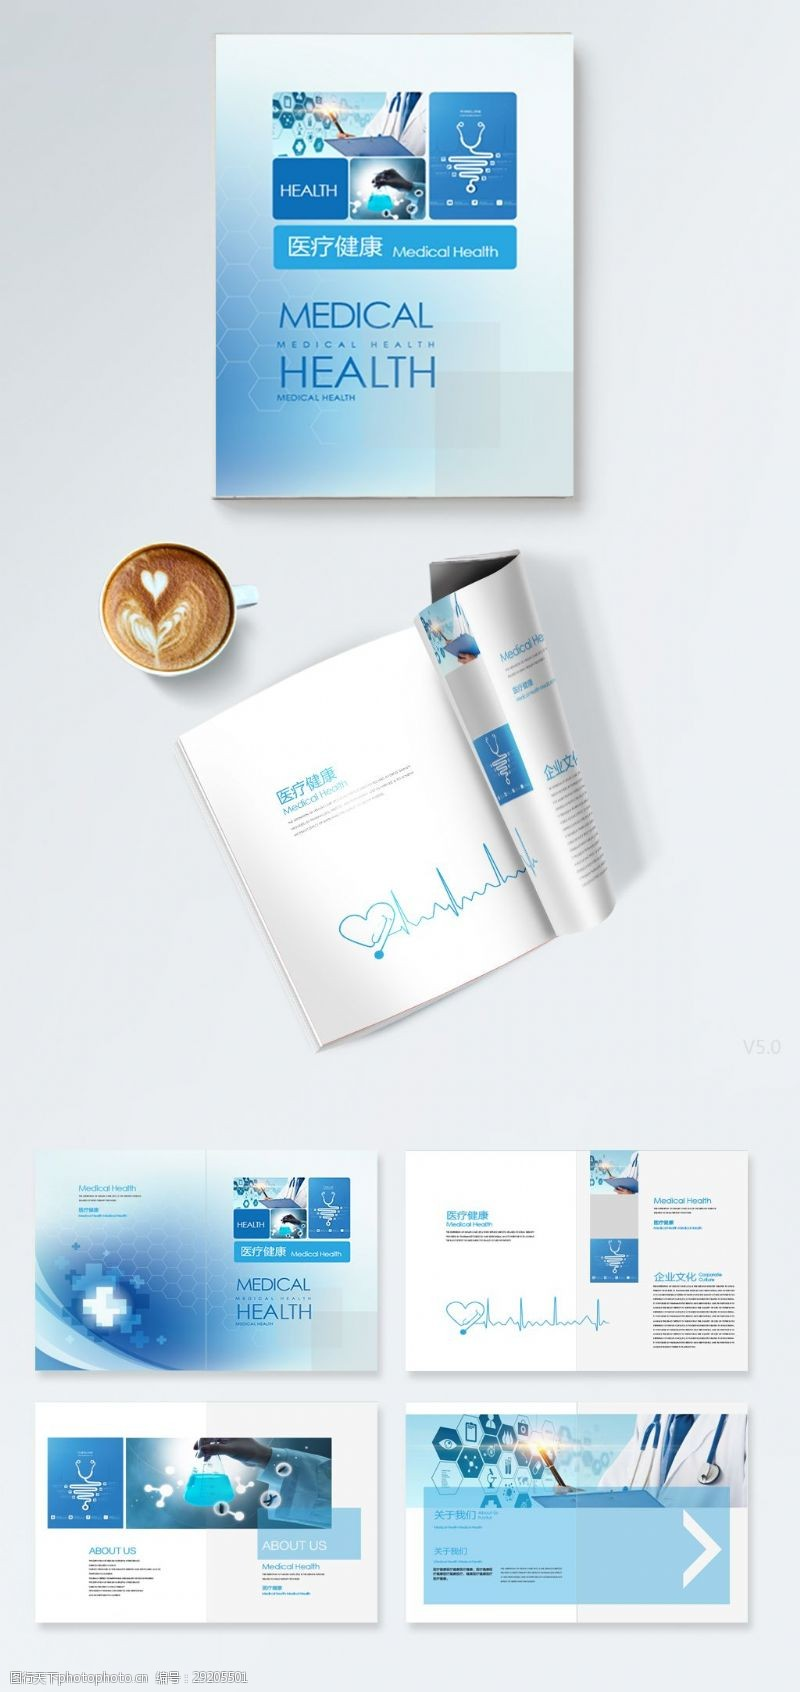 医疗手册蓝色简约医疗健康医疗企业手册